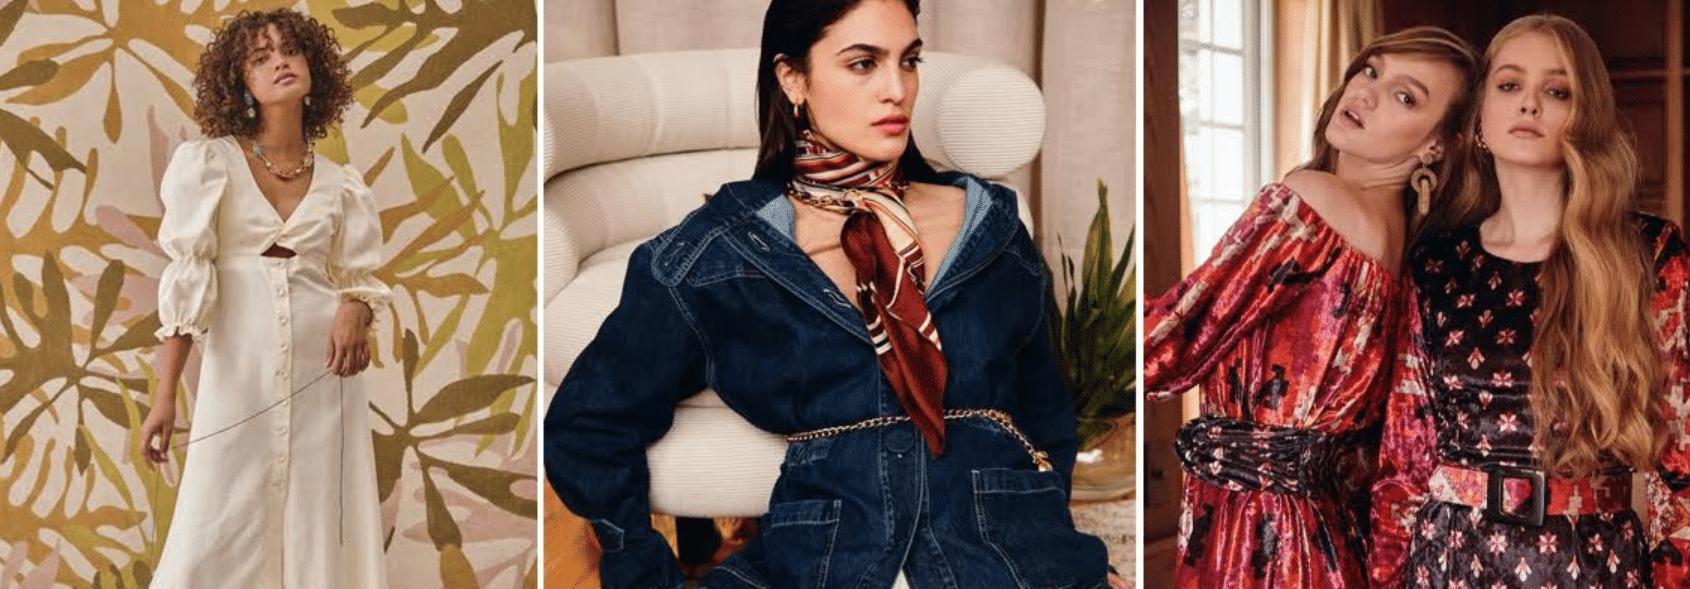 três fotos de mulheres vestindo looks da marca Amaro